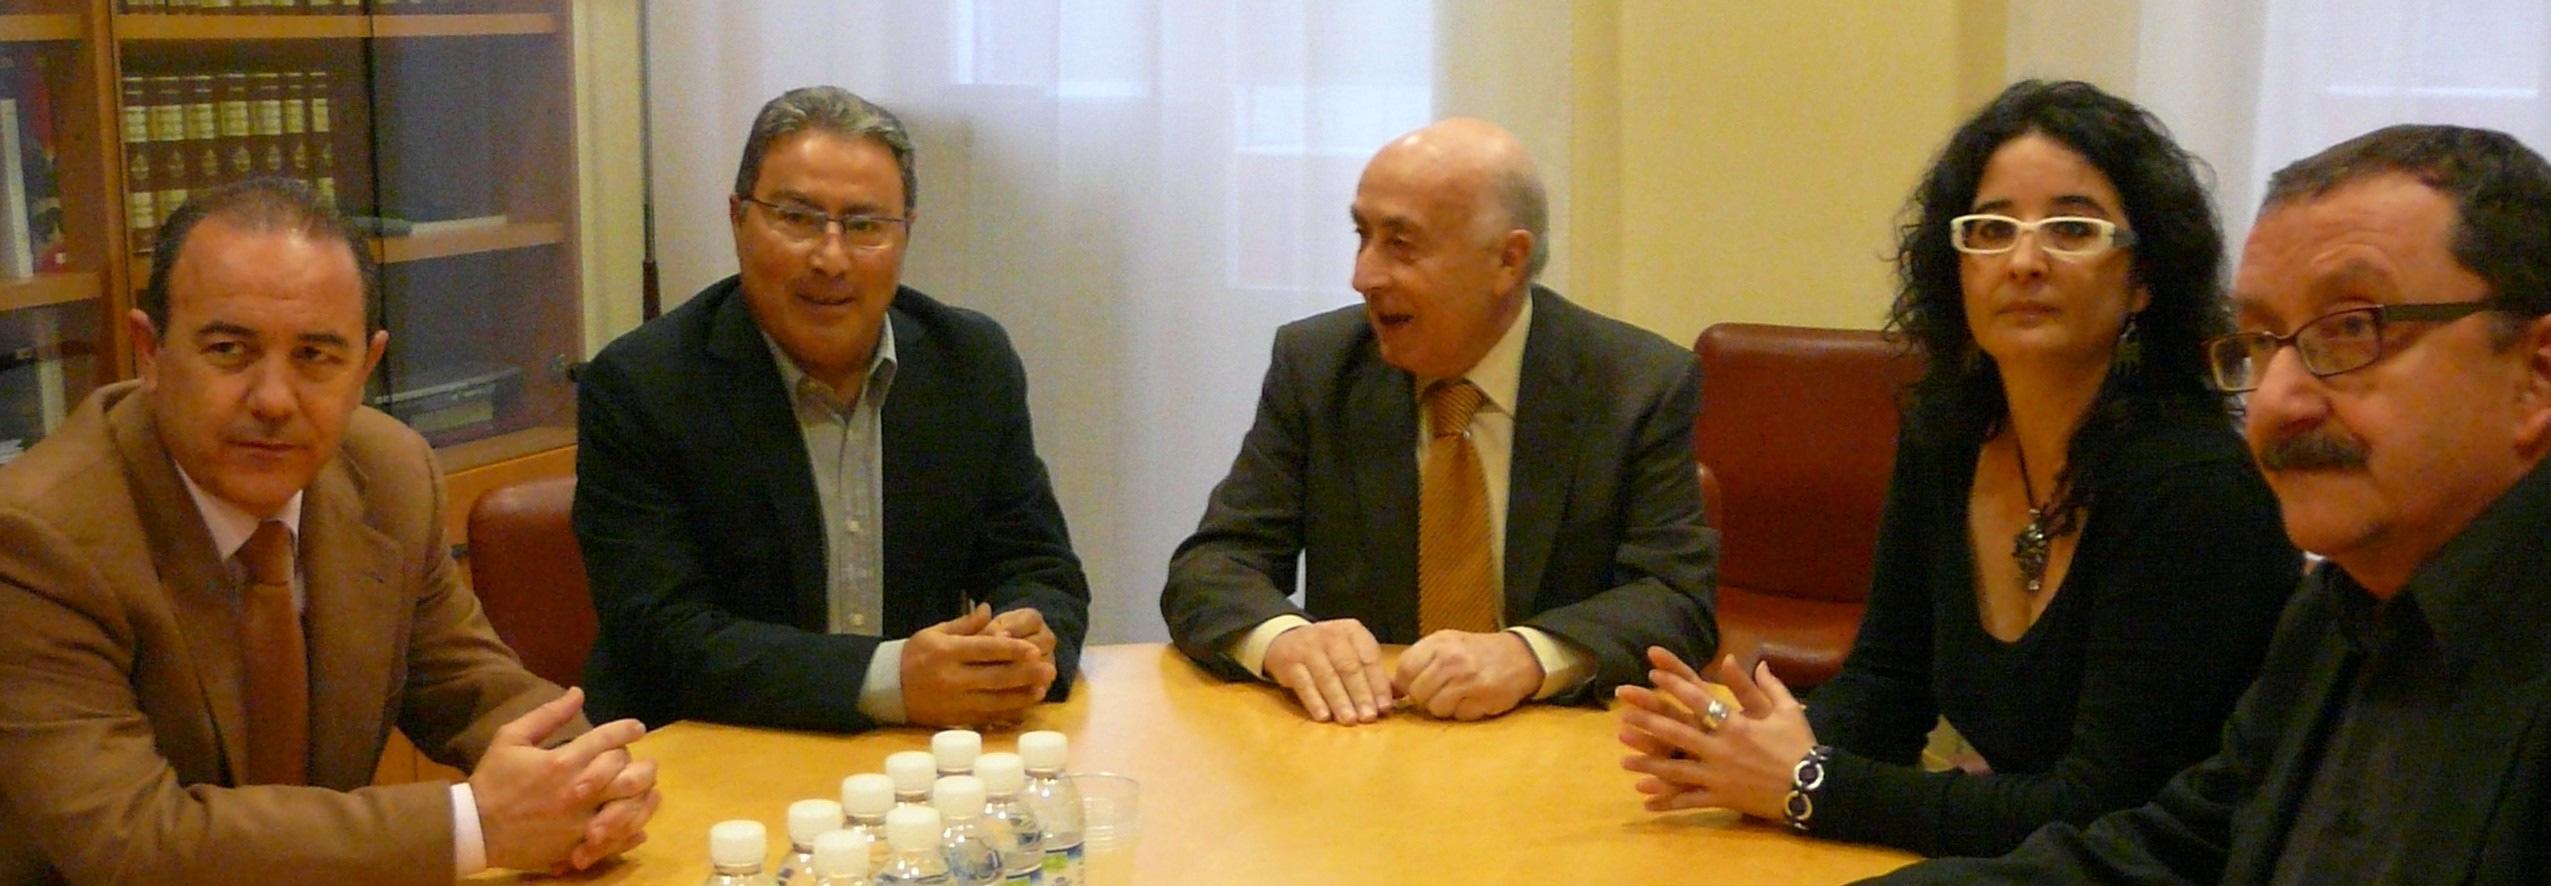 El Síndic se reúne con la cúpula de CCOO-PV